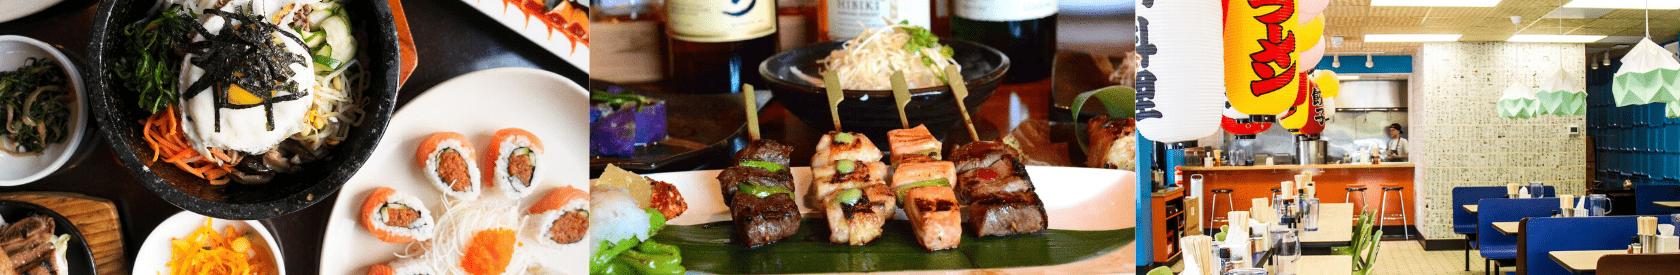 D.C. Japanese Restaurant Guide